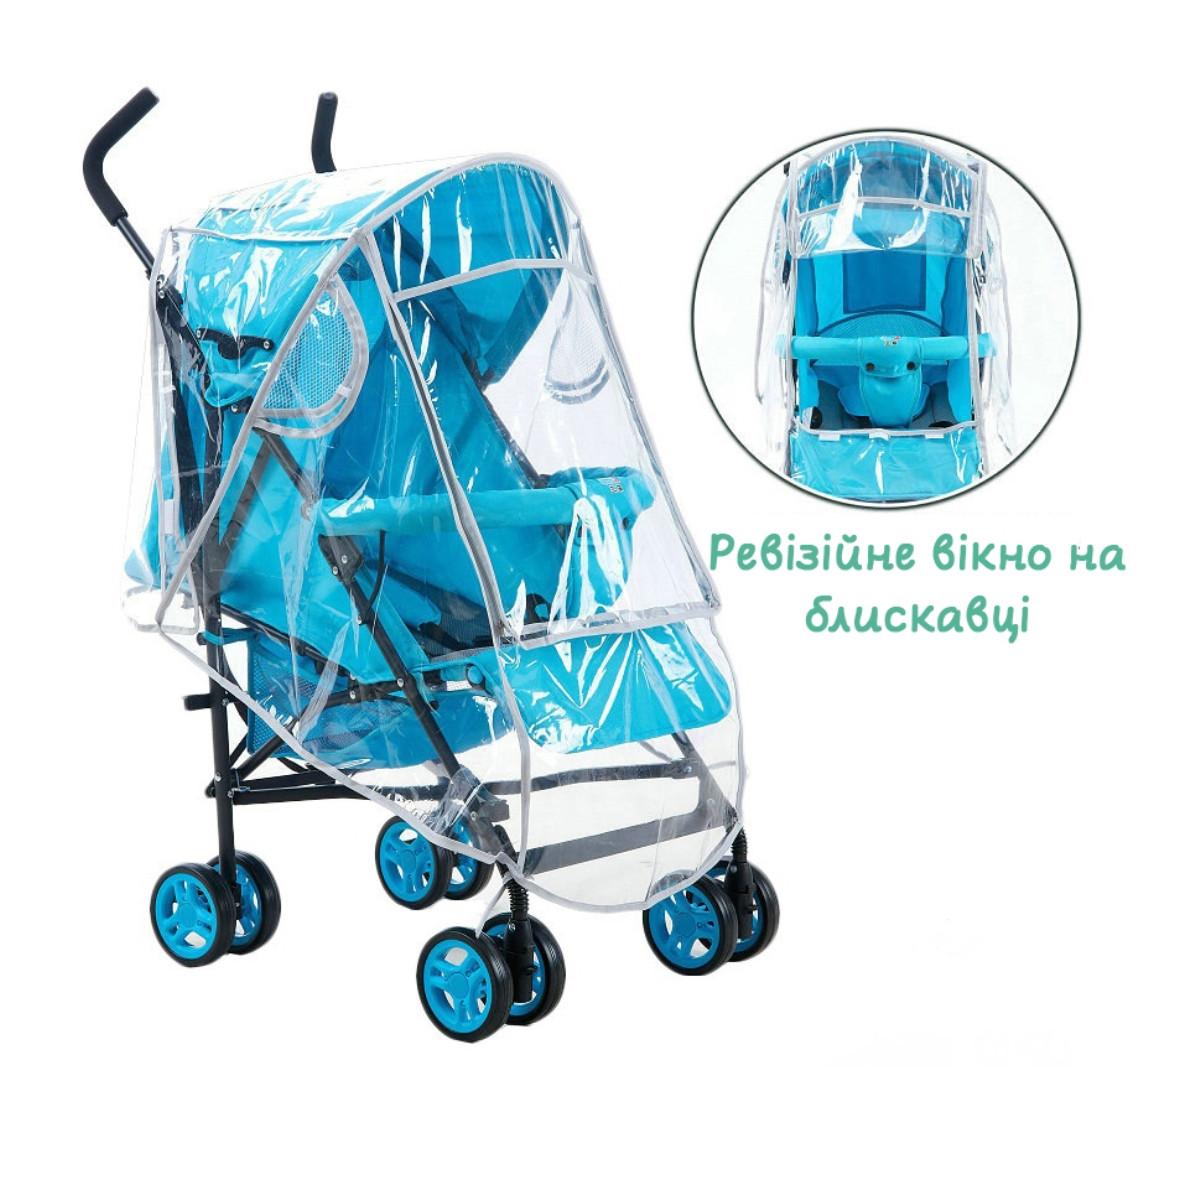 Универсальный дождевик LELIK size M для коляски с окошком на молнии